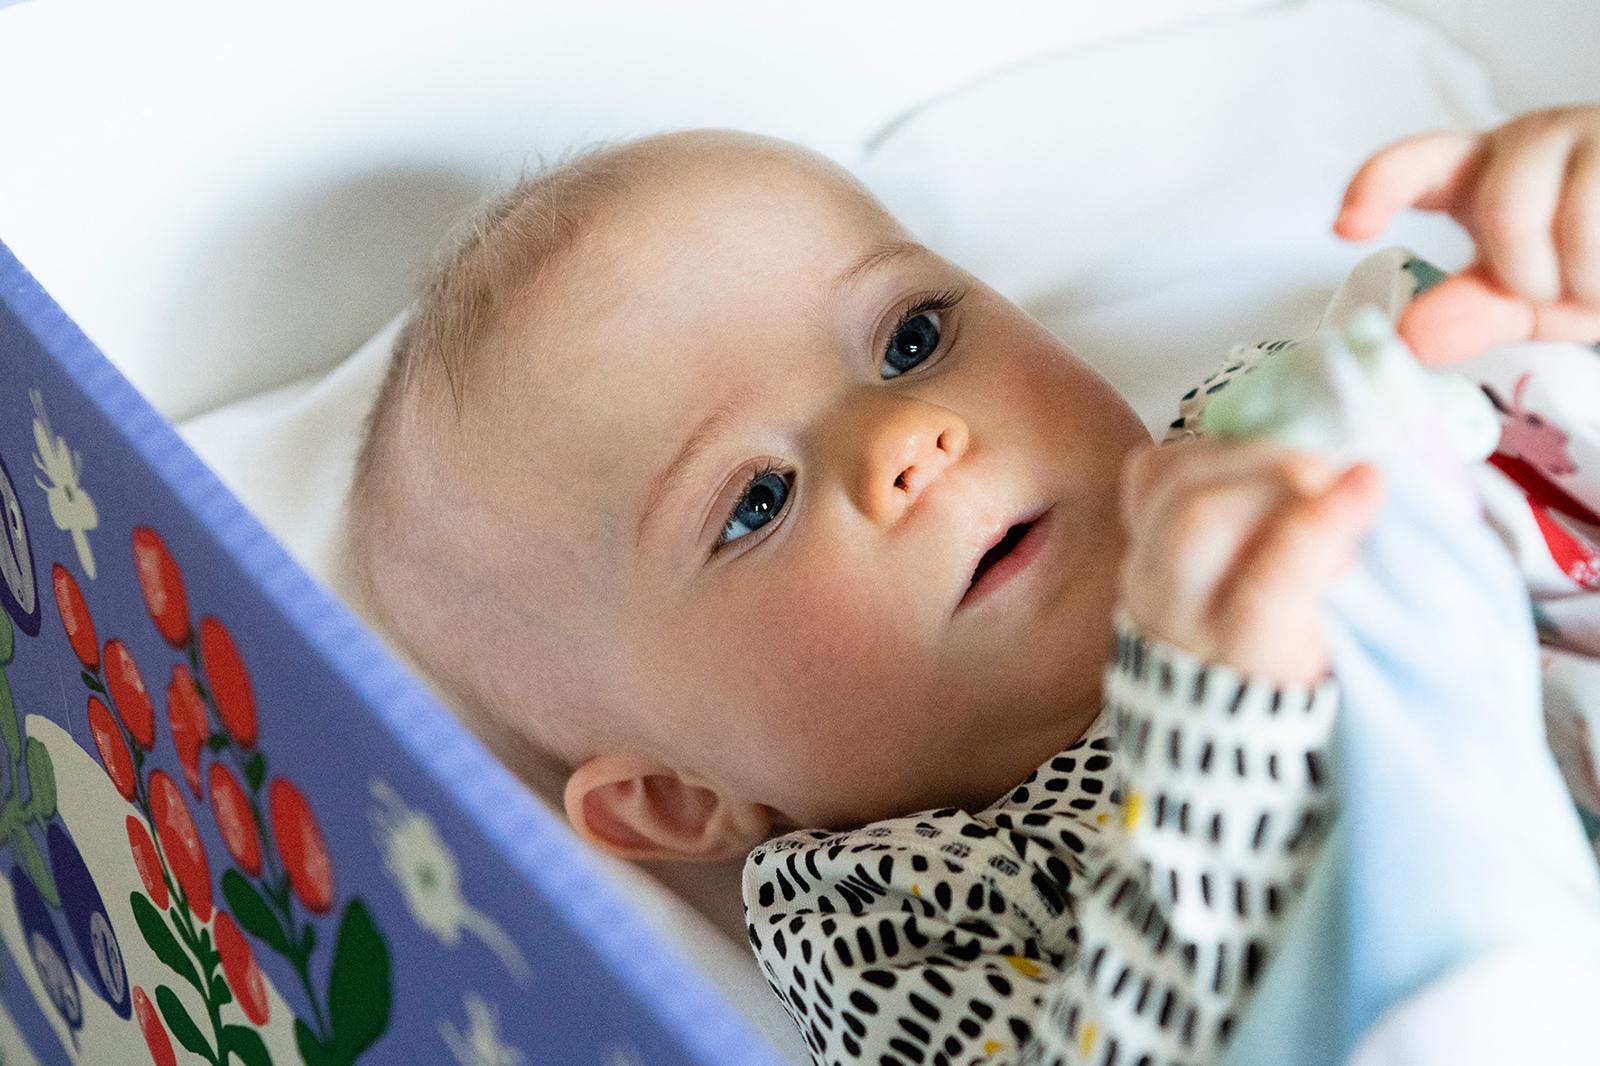 Vauva pötköttää äitiyspakkauslaatikossa. Kuva: Kela, Veikko Somerpuro